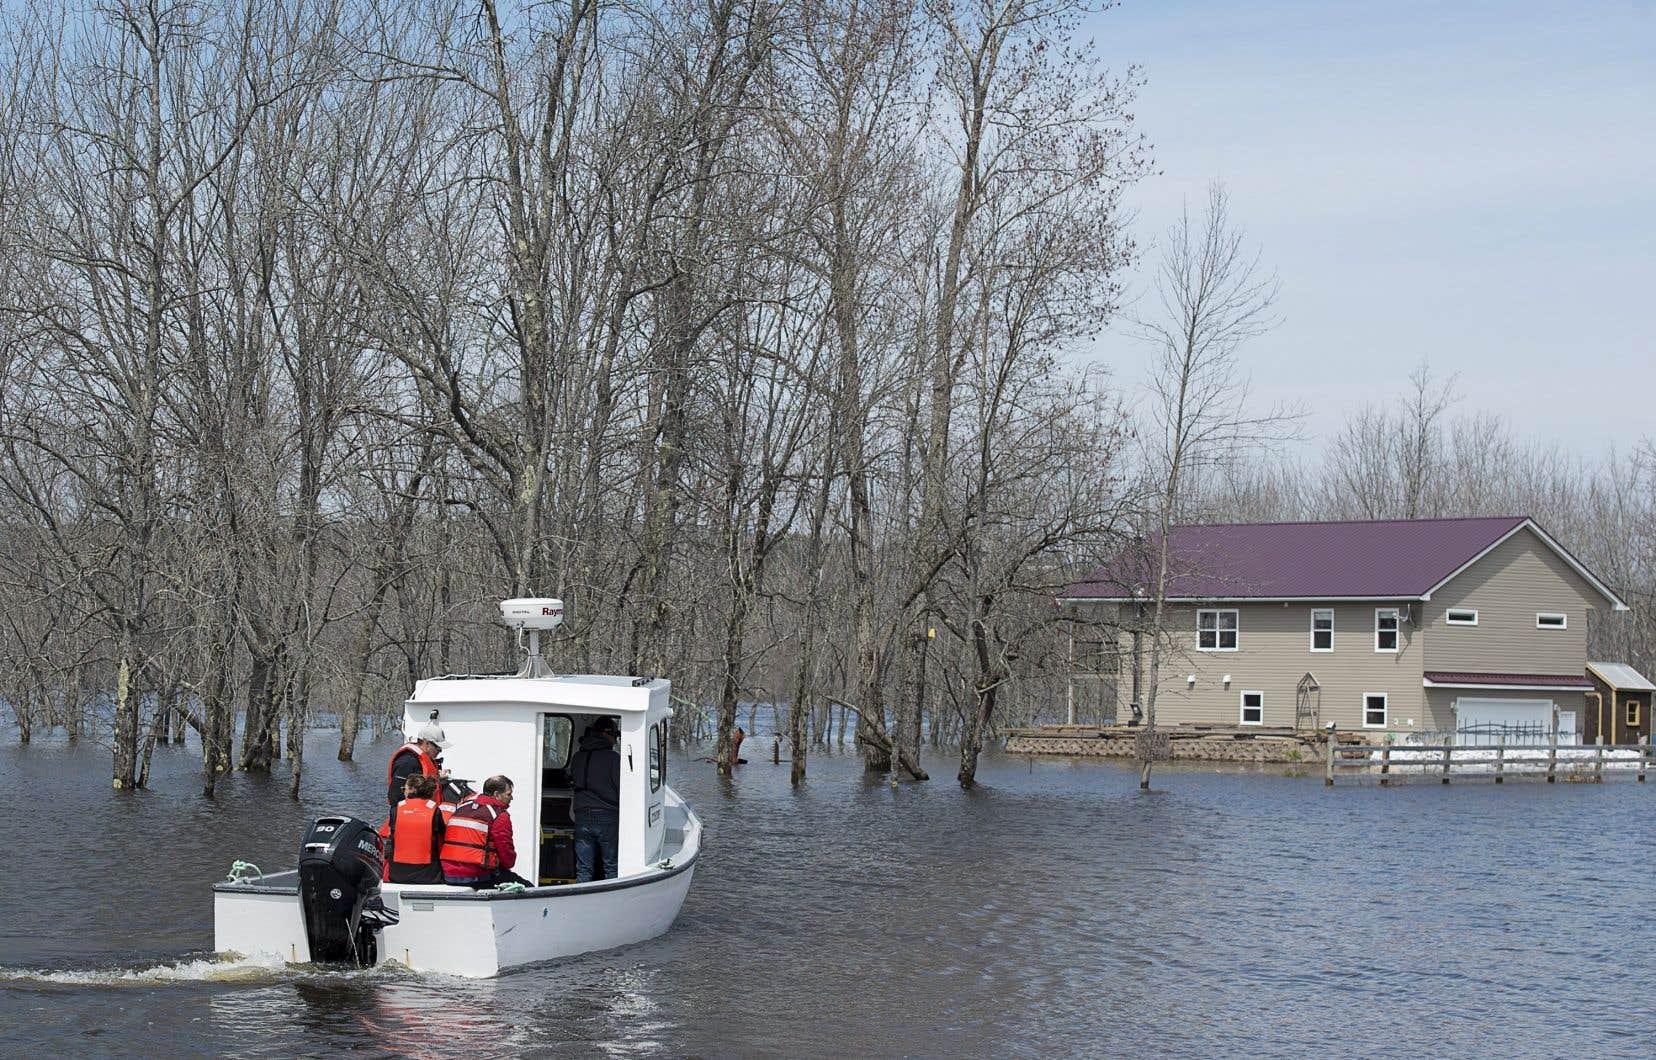 Jusqu'à présent, 975 personnes ont évacué leur résidence à travers la province et se sont inscrites auprès de la Croix-Rouge.